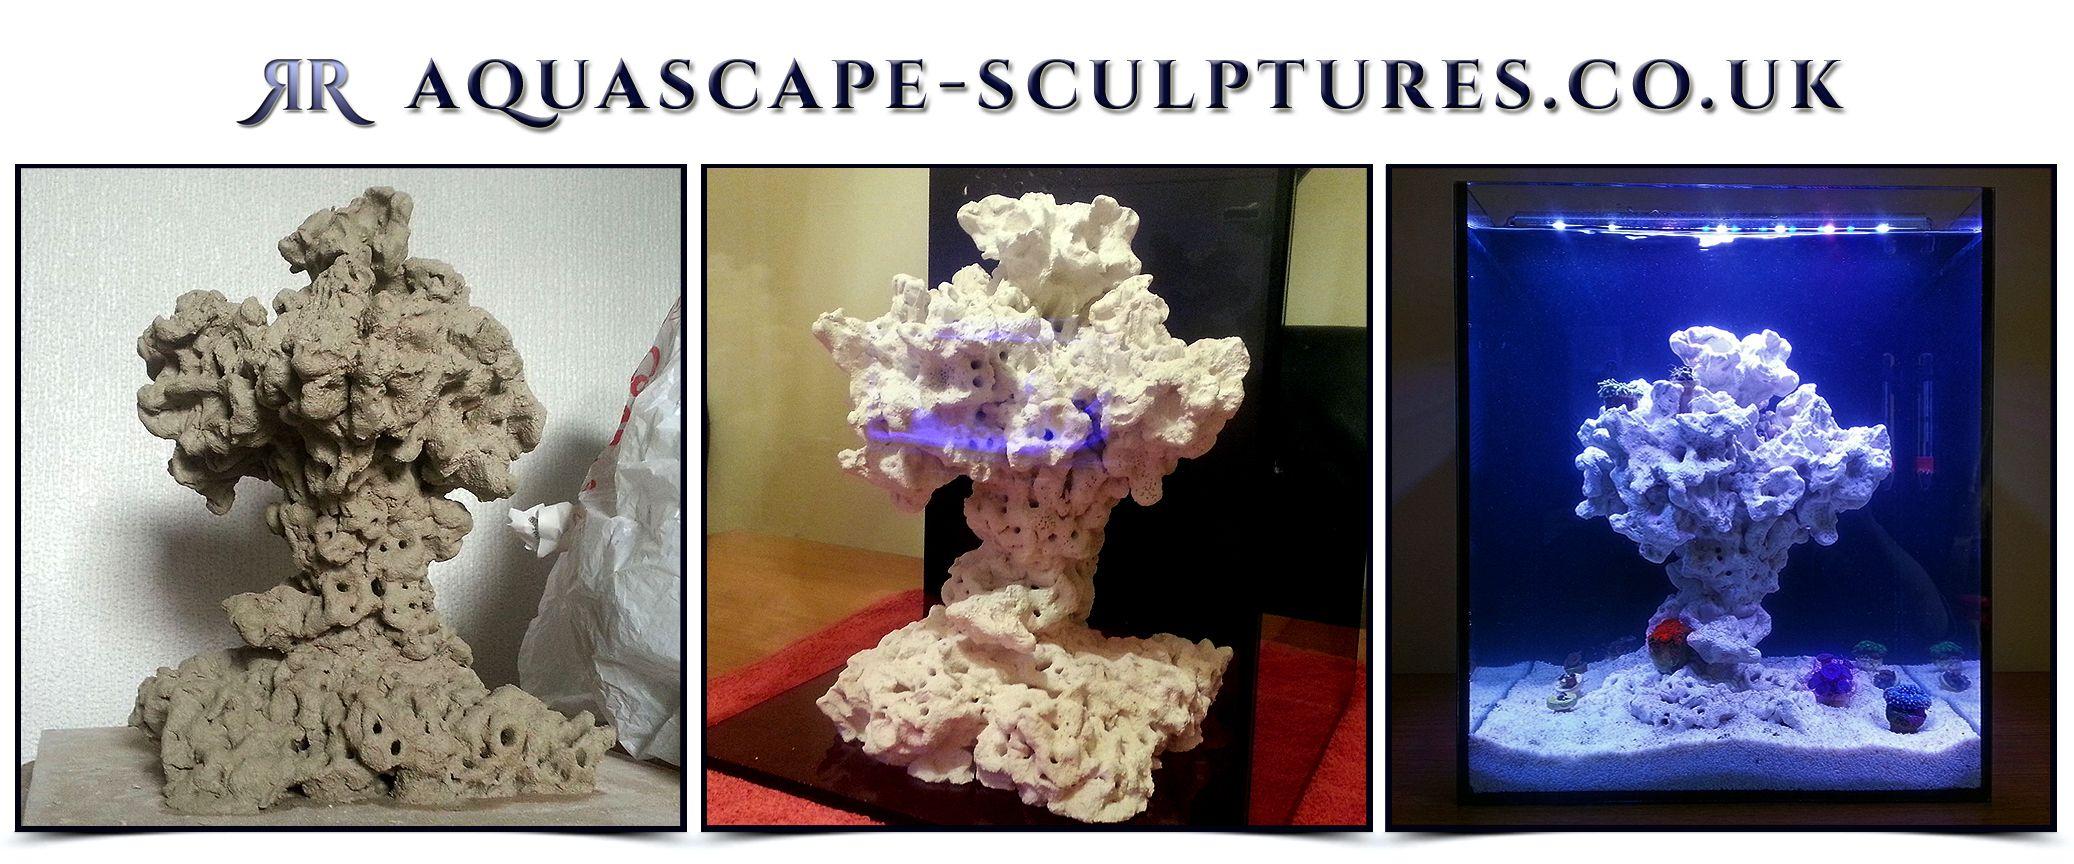 How We Build Reef Tank Ceramic Aquascapes. Www.aquascape Sculptures.co.